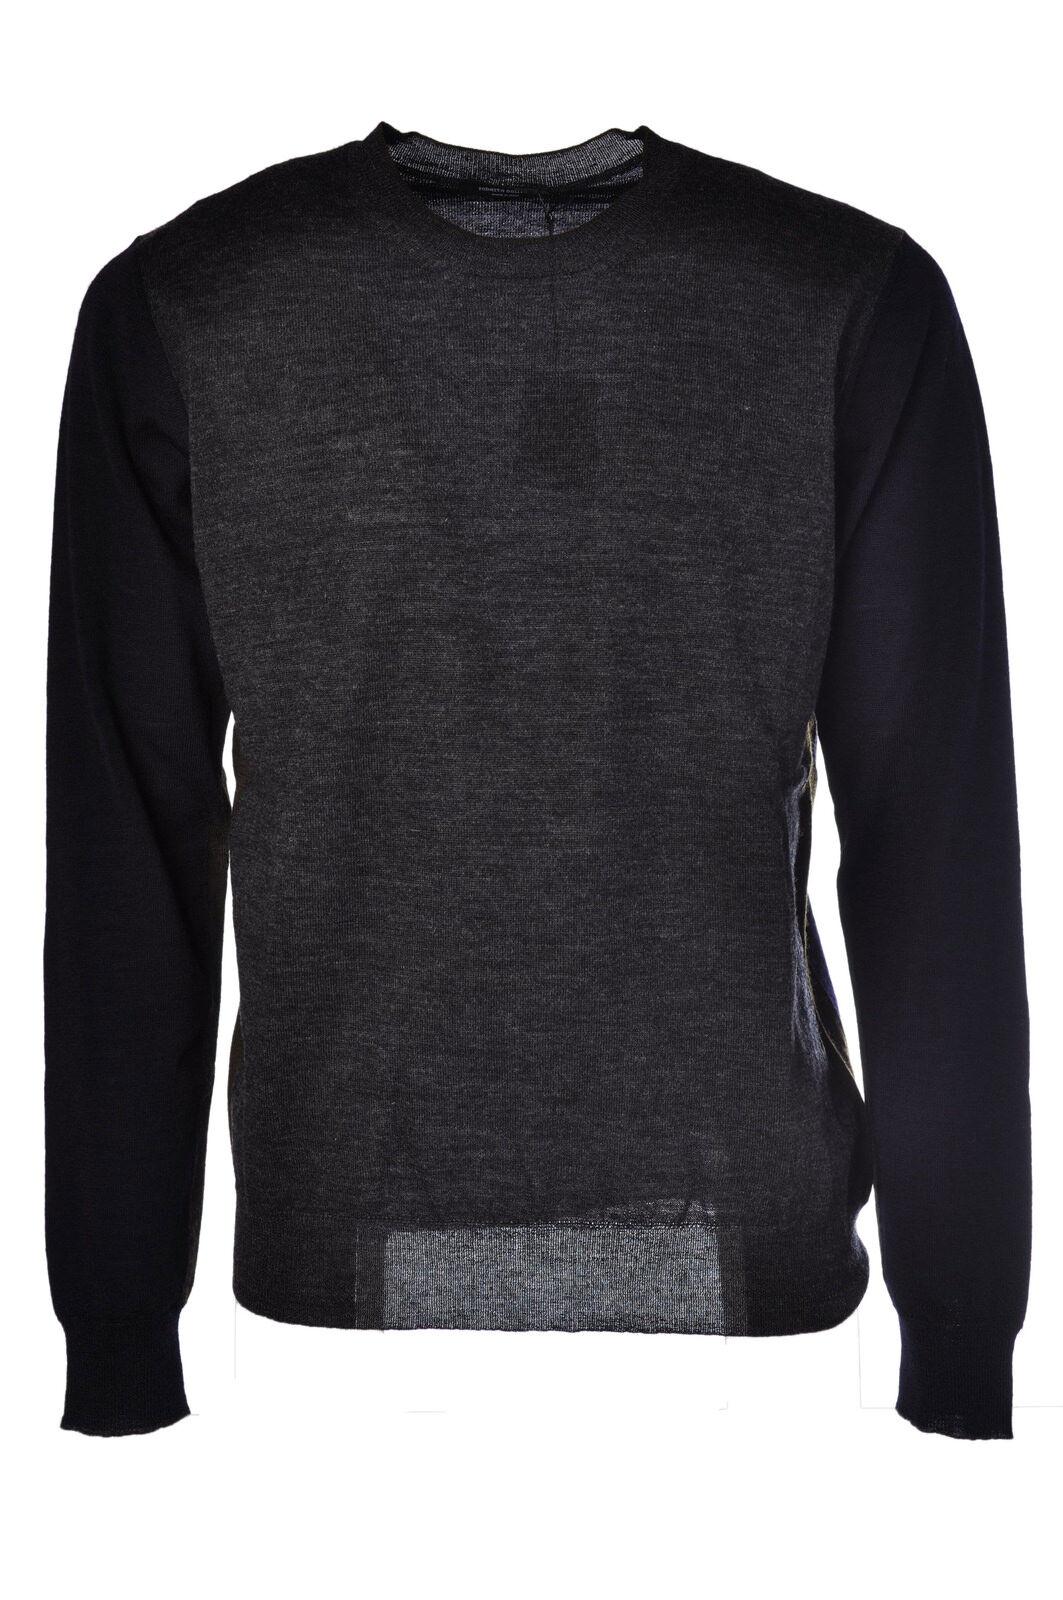 Roberto Collina - Knitwear-Sweaters - Man - Grau - 473811M184431